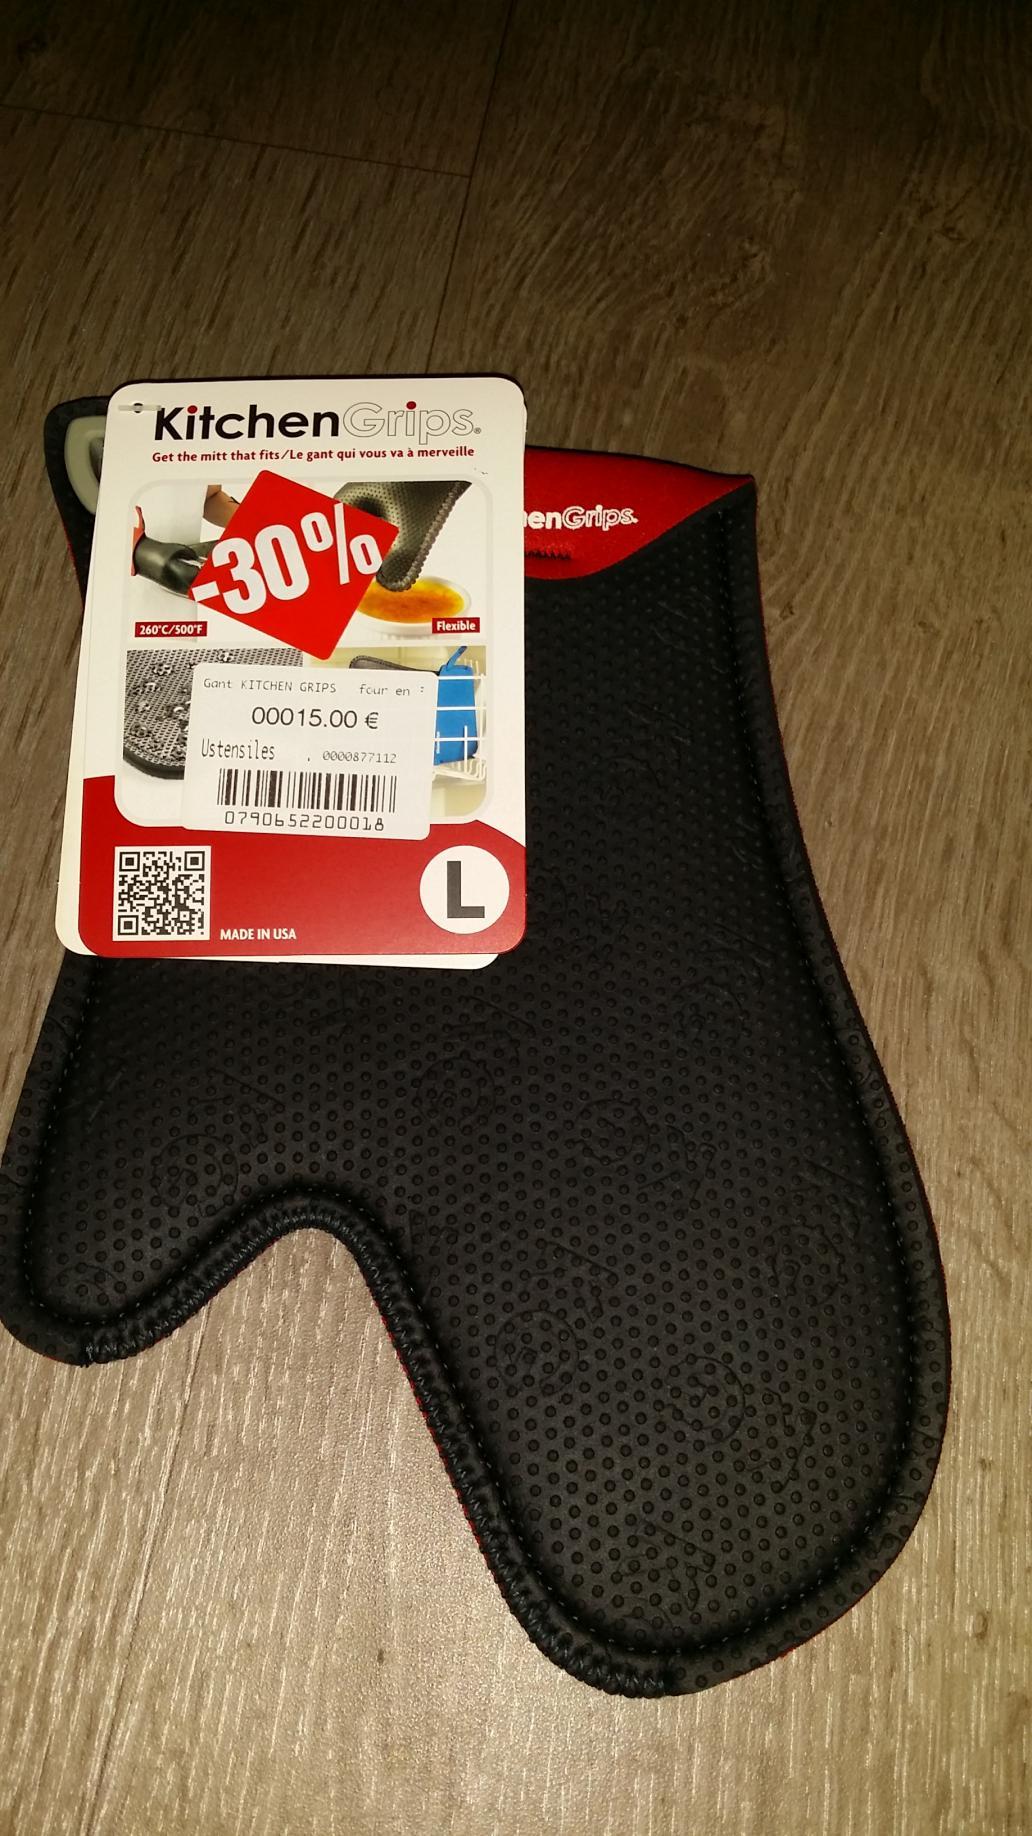 30% de réduction sur les accessoires de cuisine - Ex : Gant Kitchen Grips à four en Flxaprene Standard 28cm